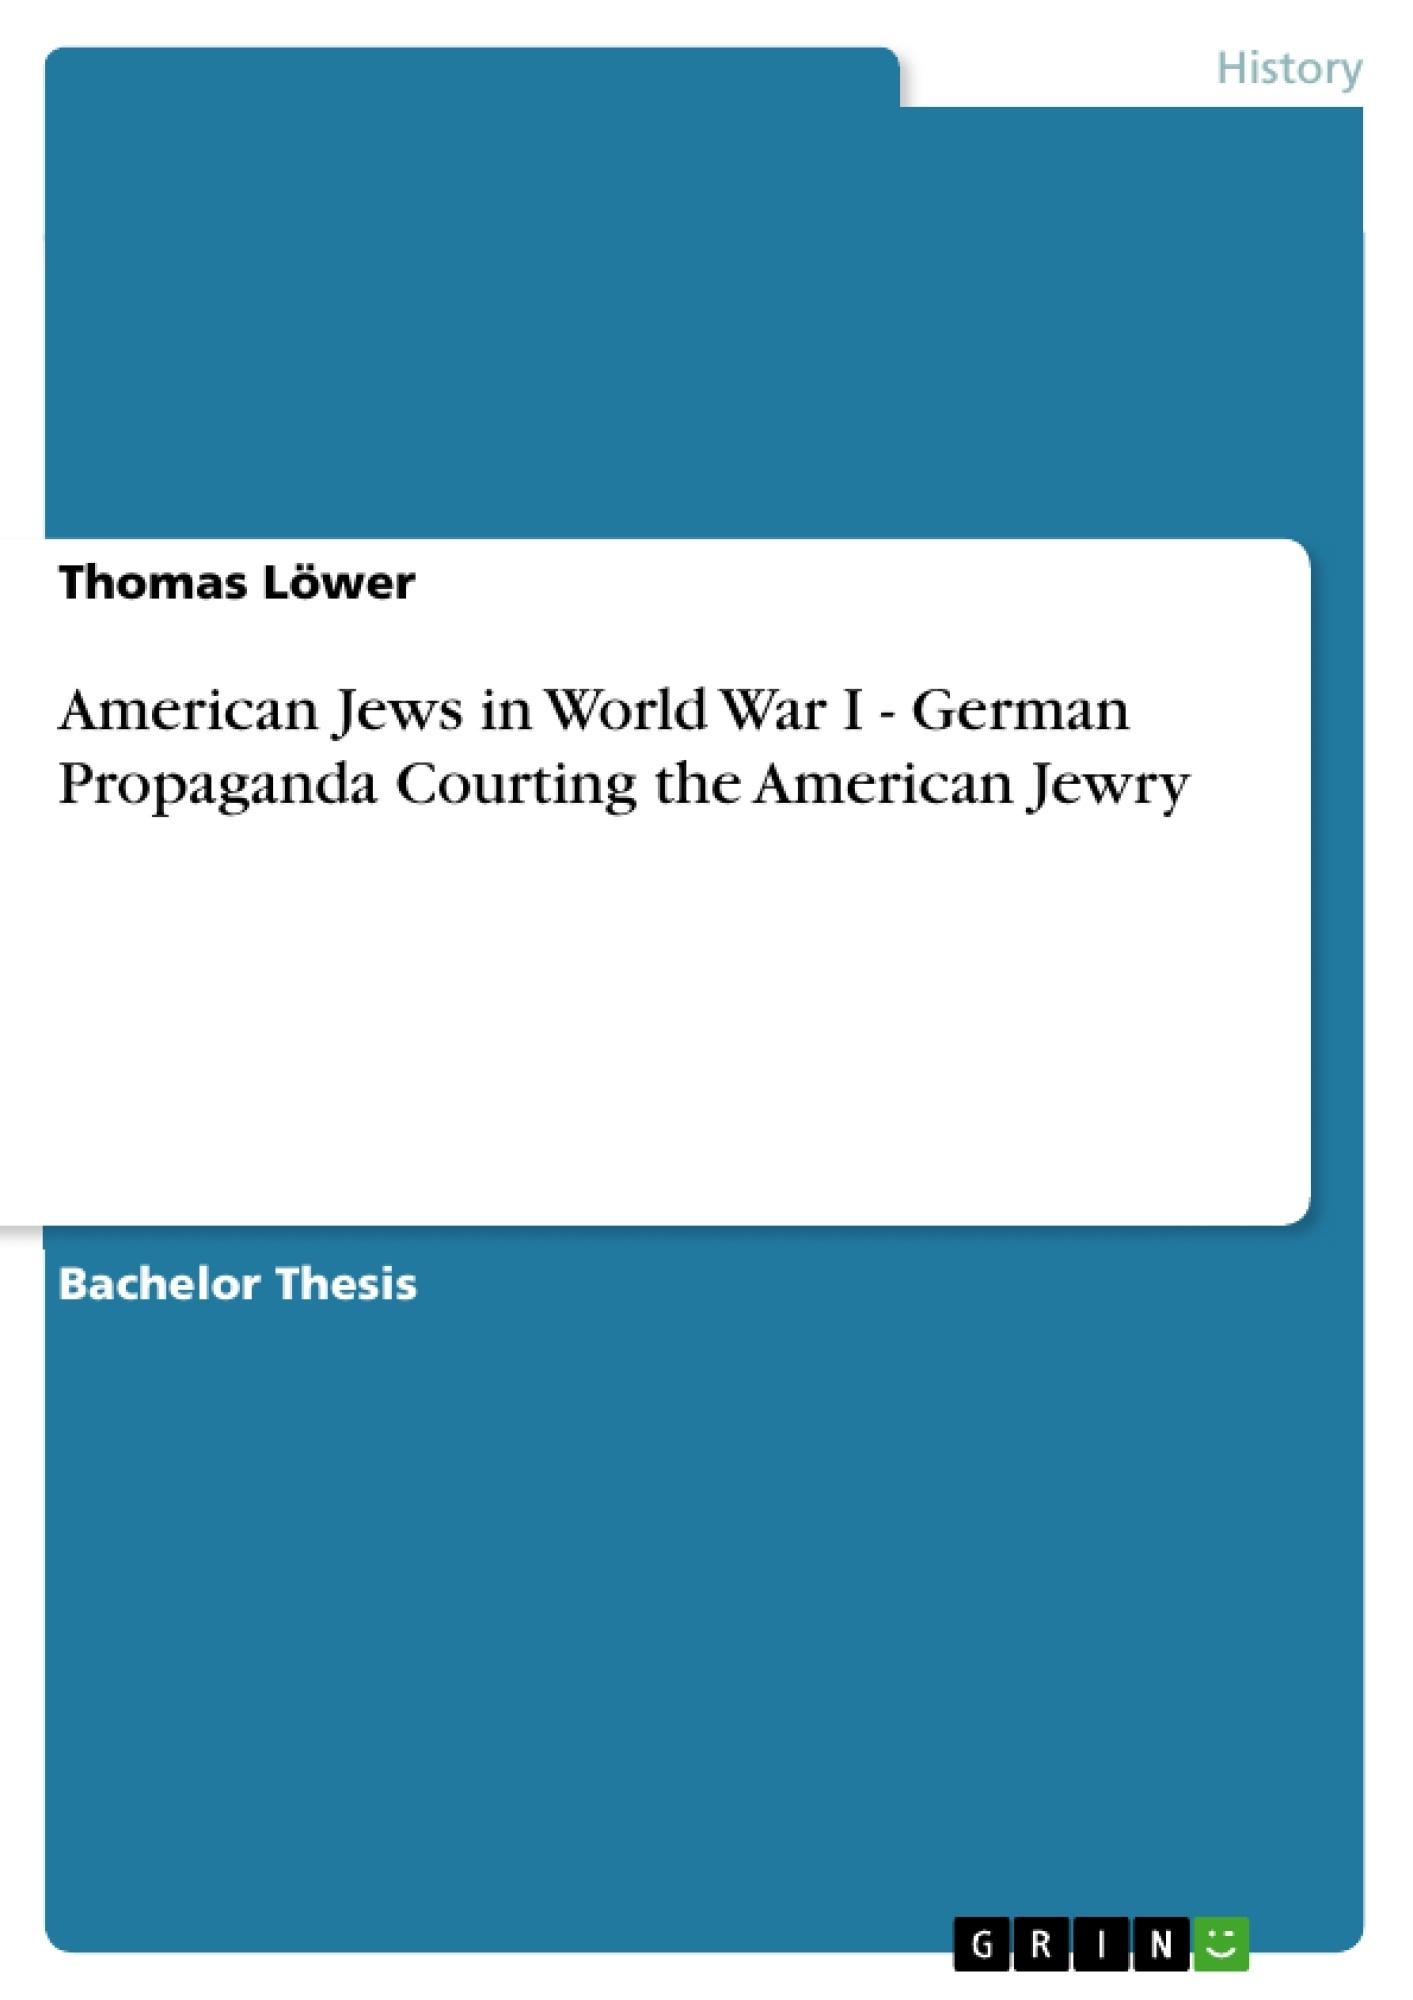 Title: American Jews in World War I - German Propaganda Courting the American Jewry